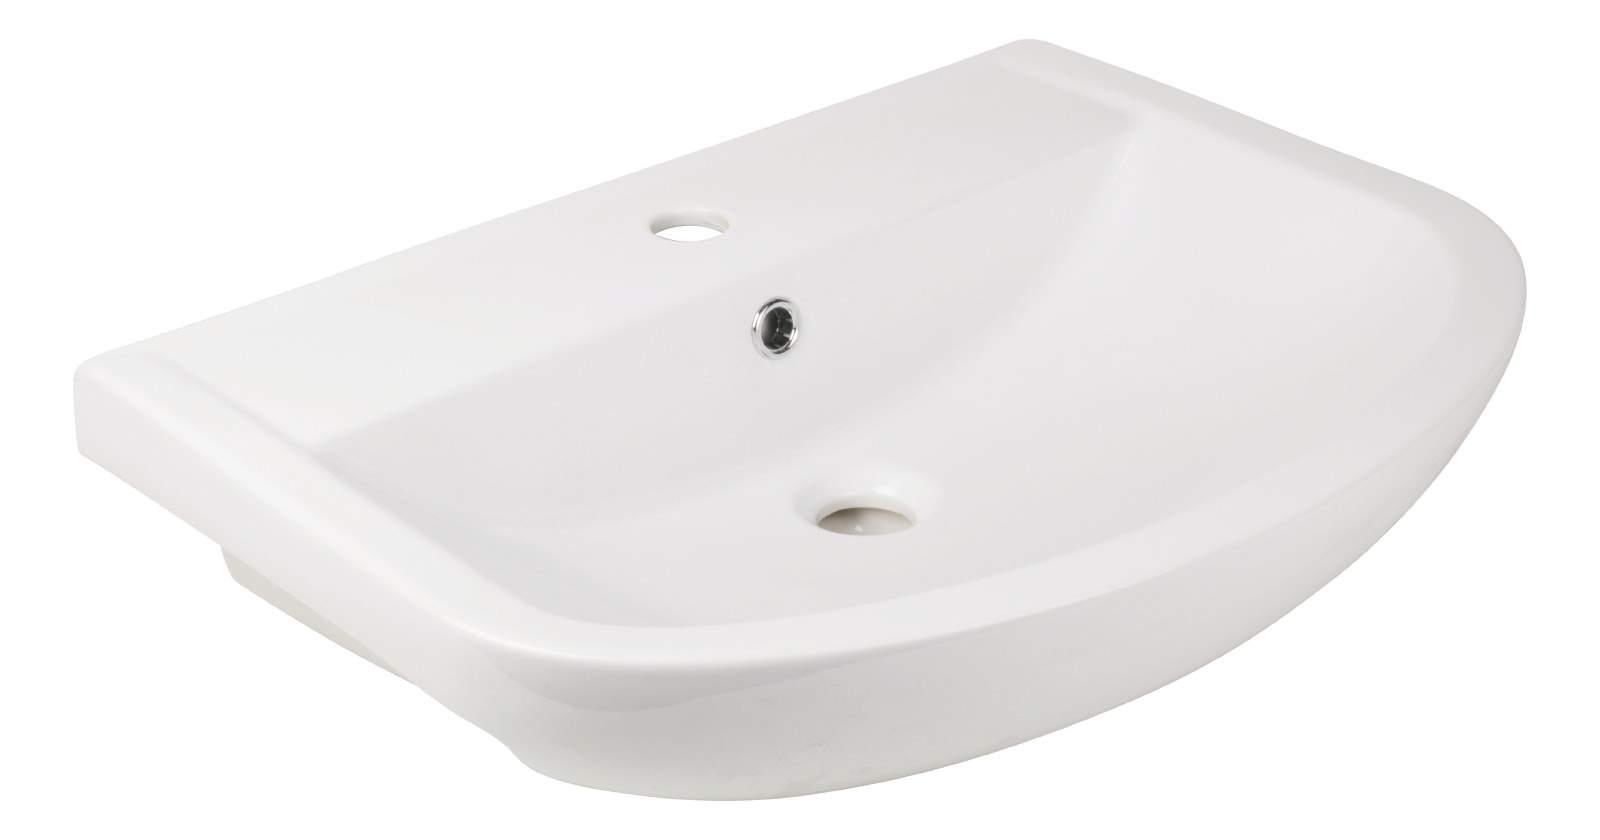 05ab5596 01 waschtisch crasqui weiss 60 cm